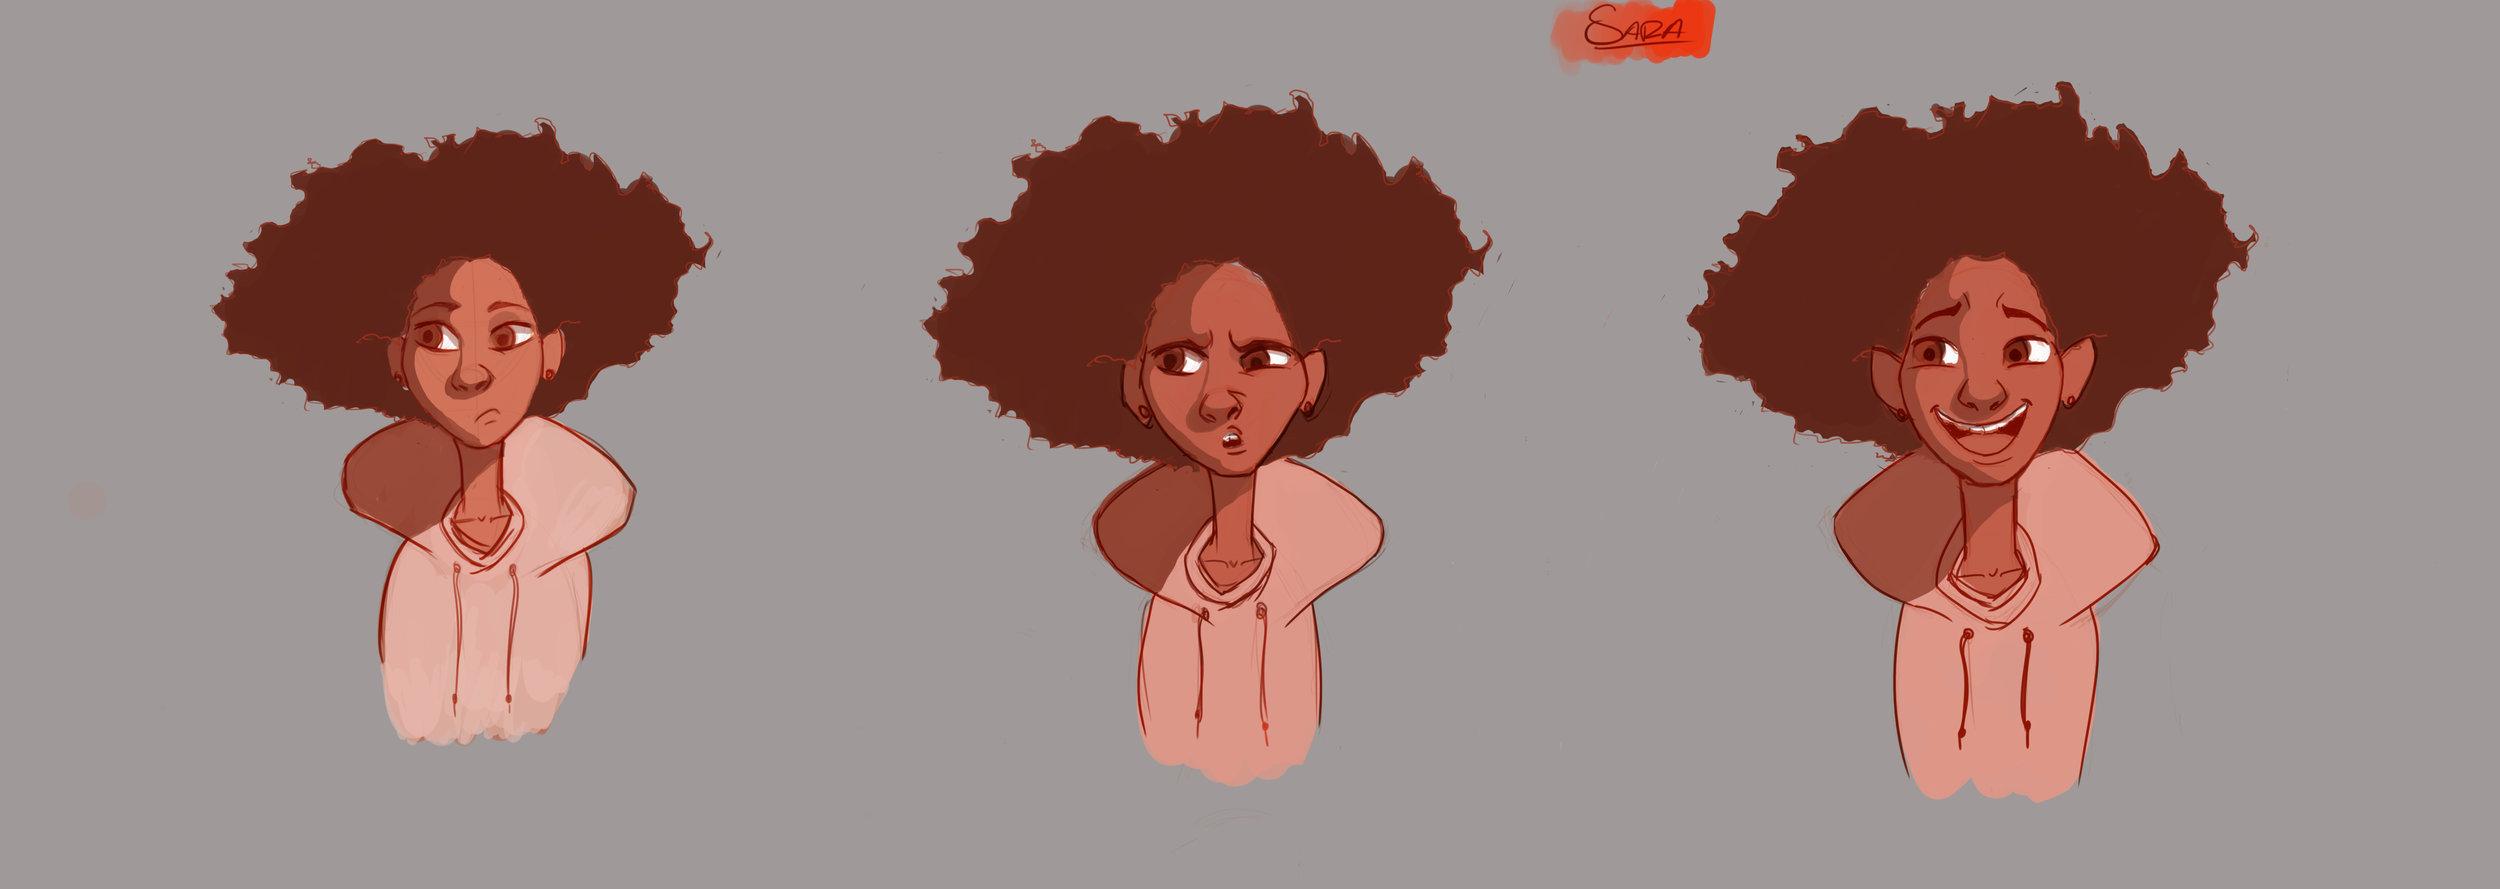 sara faces (1).jpg